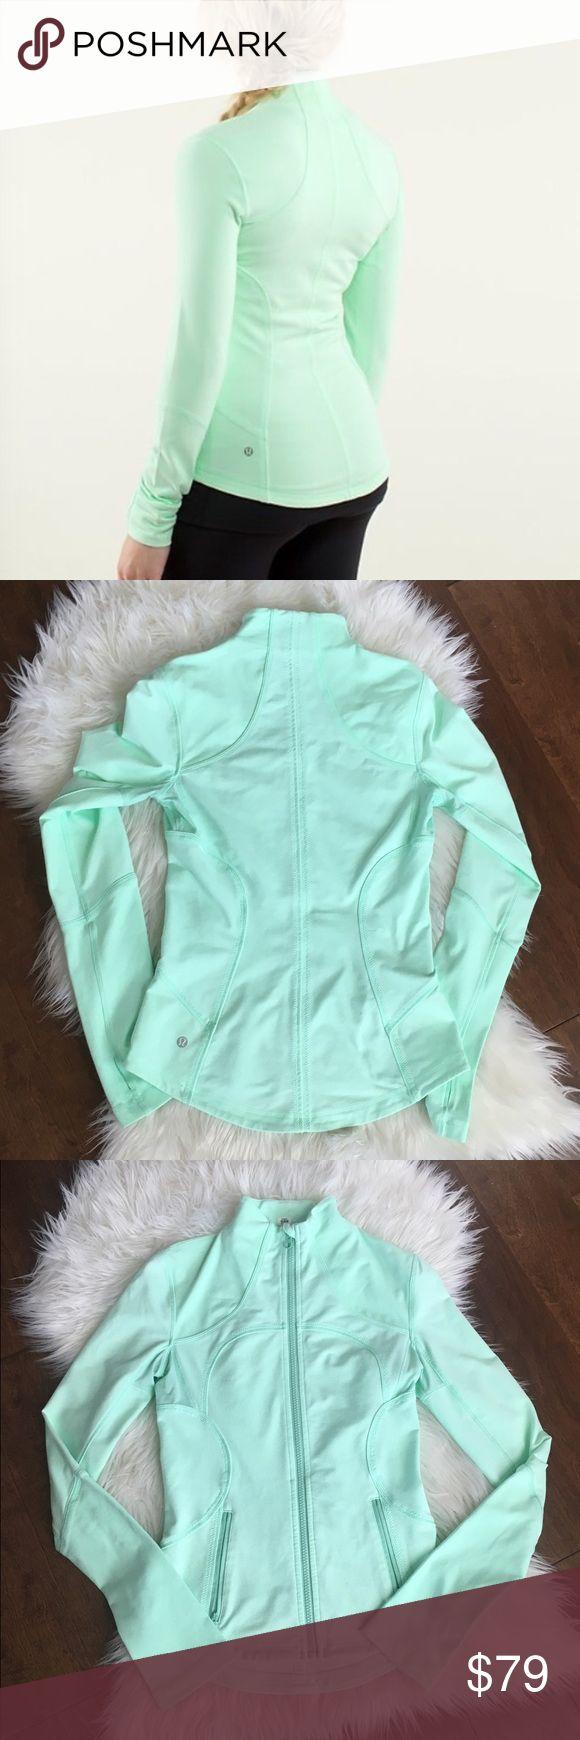 Lululemon mint jacket Lululemon mint jacket in like new condition beautiful color lululemon athletica Jackets & Coats